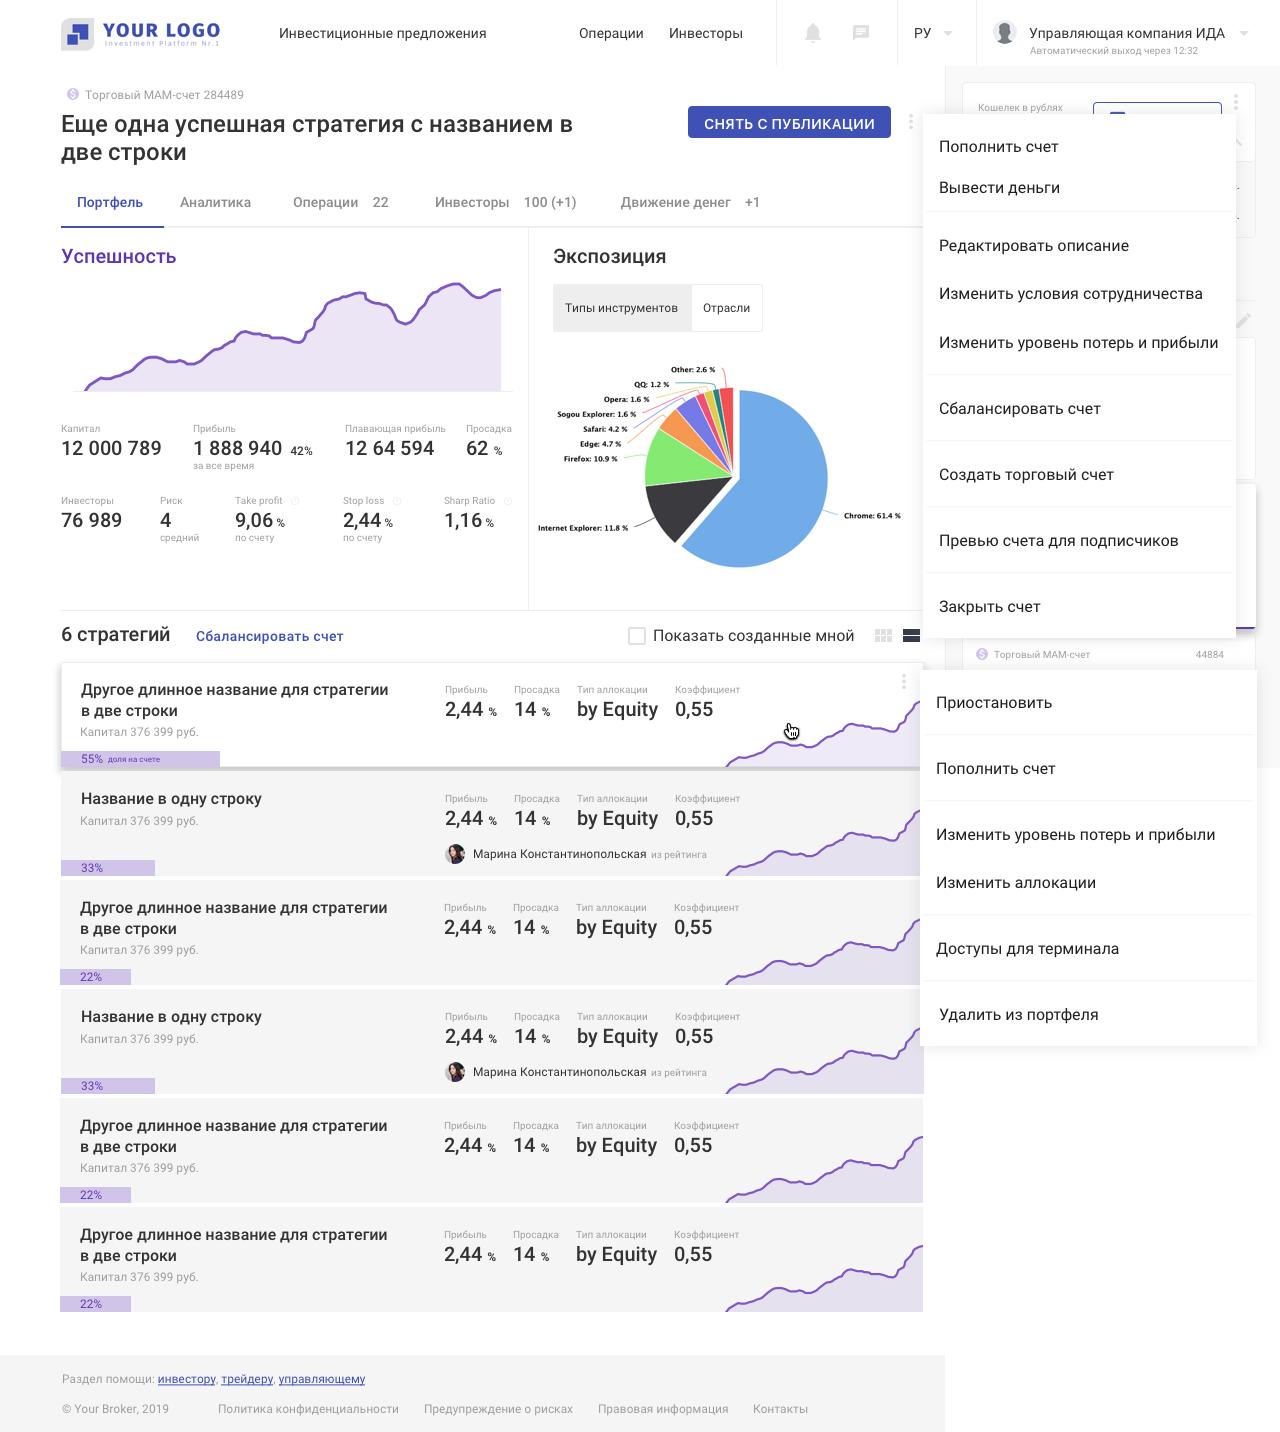 Платформа для инвесторов и трейдеров: страница портфельного управляющего | SobakaPav.ru